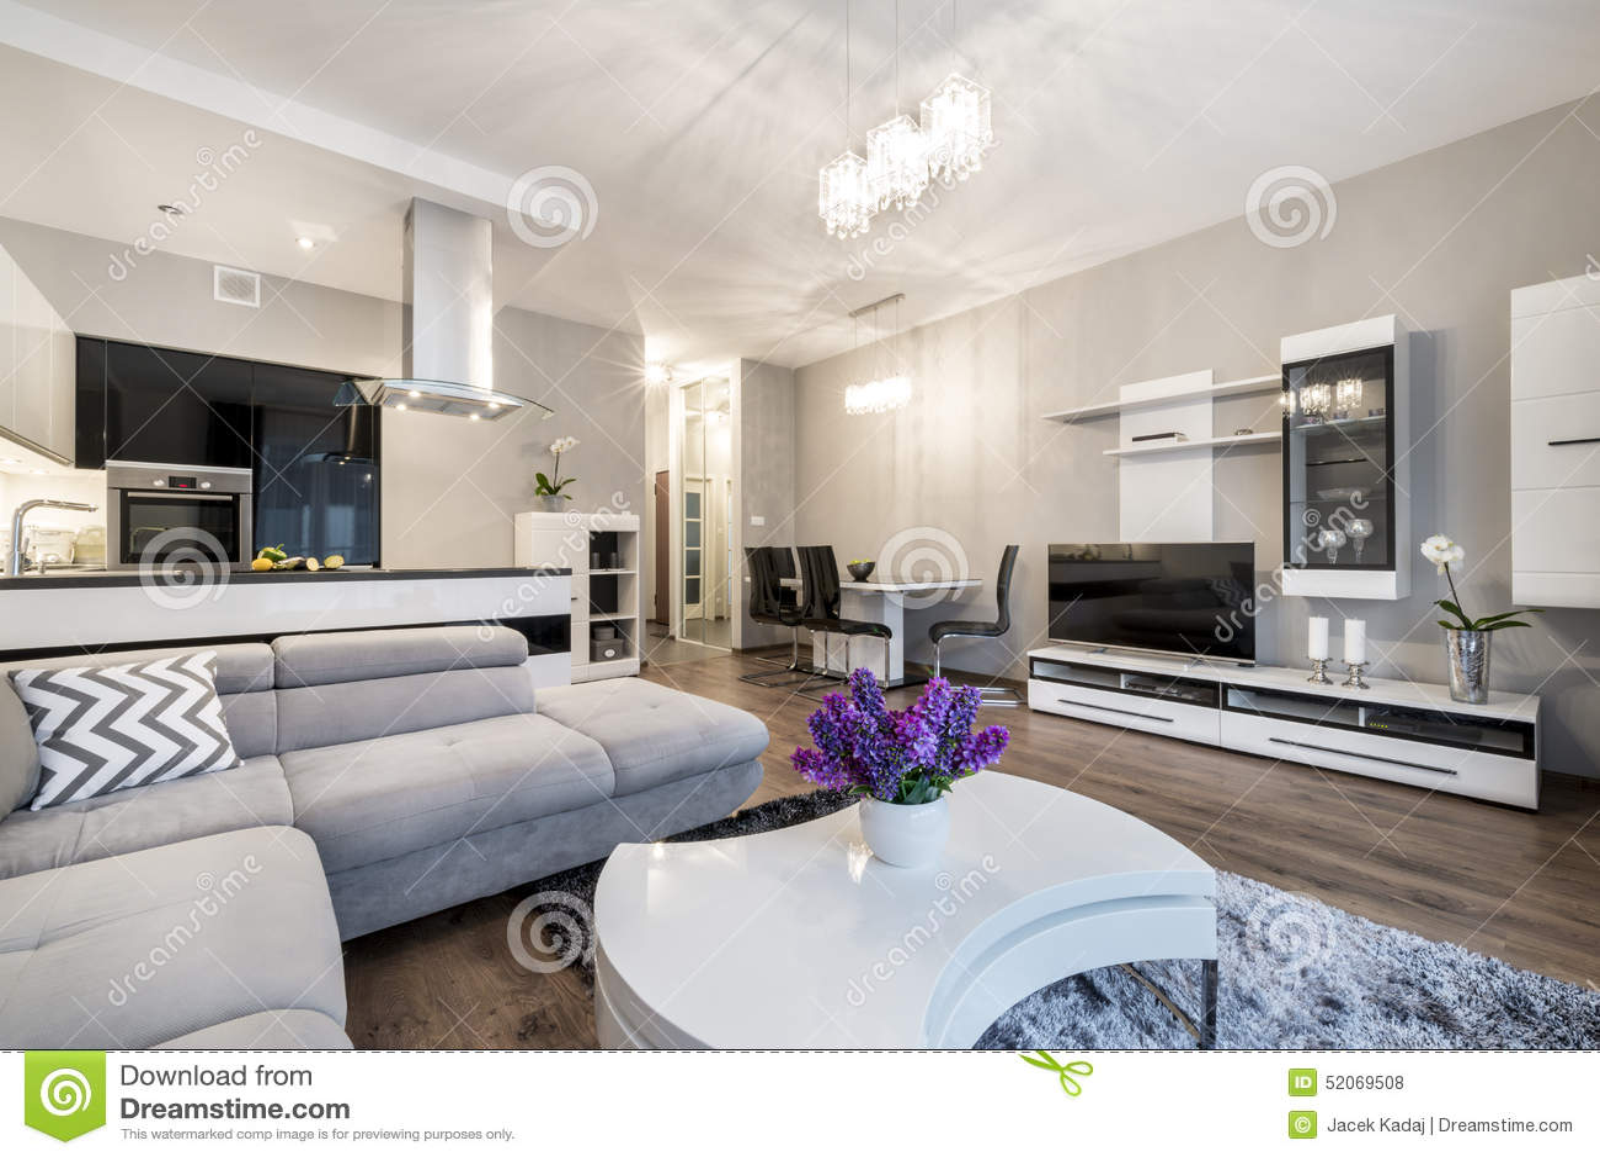 cuisine et salon dans la maison de luxe photo stock image 52069508. Black Bedroom Furniture Sets. Home Design Ideas